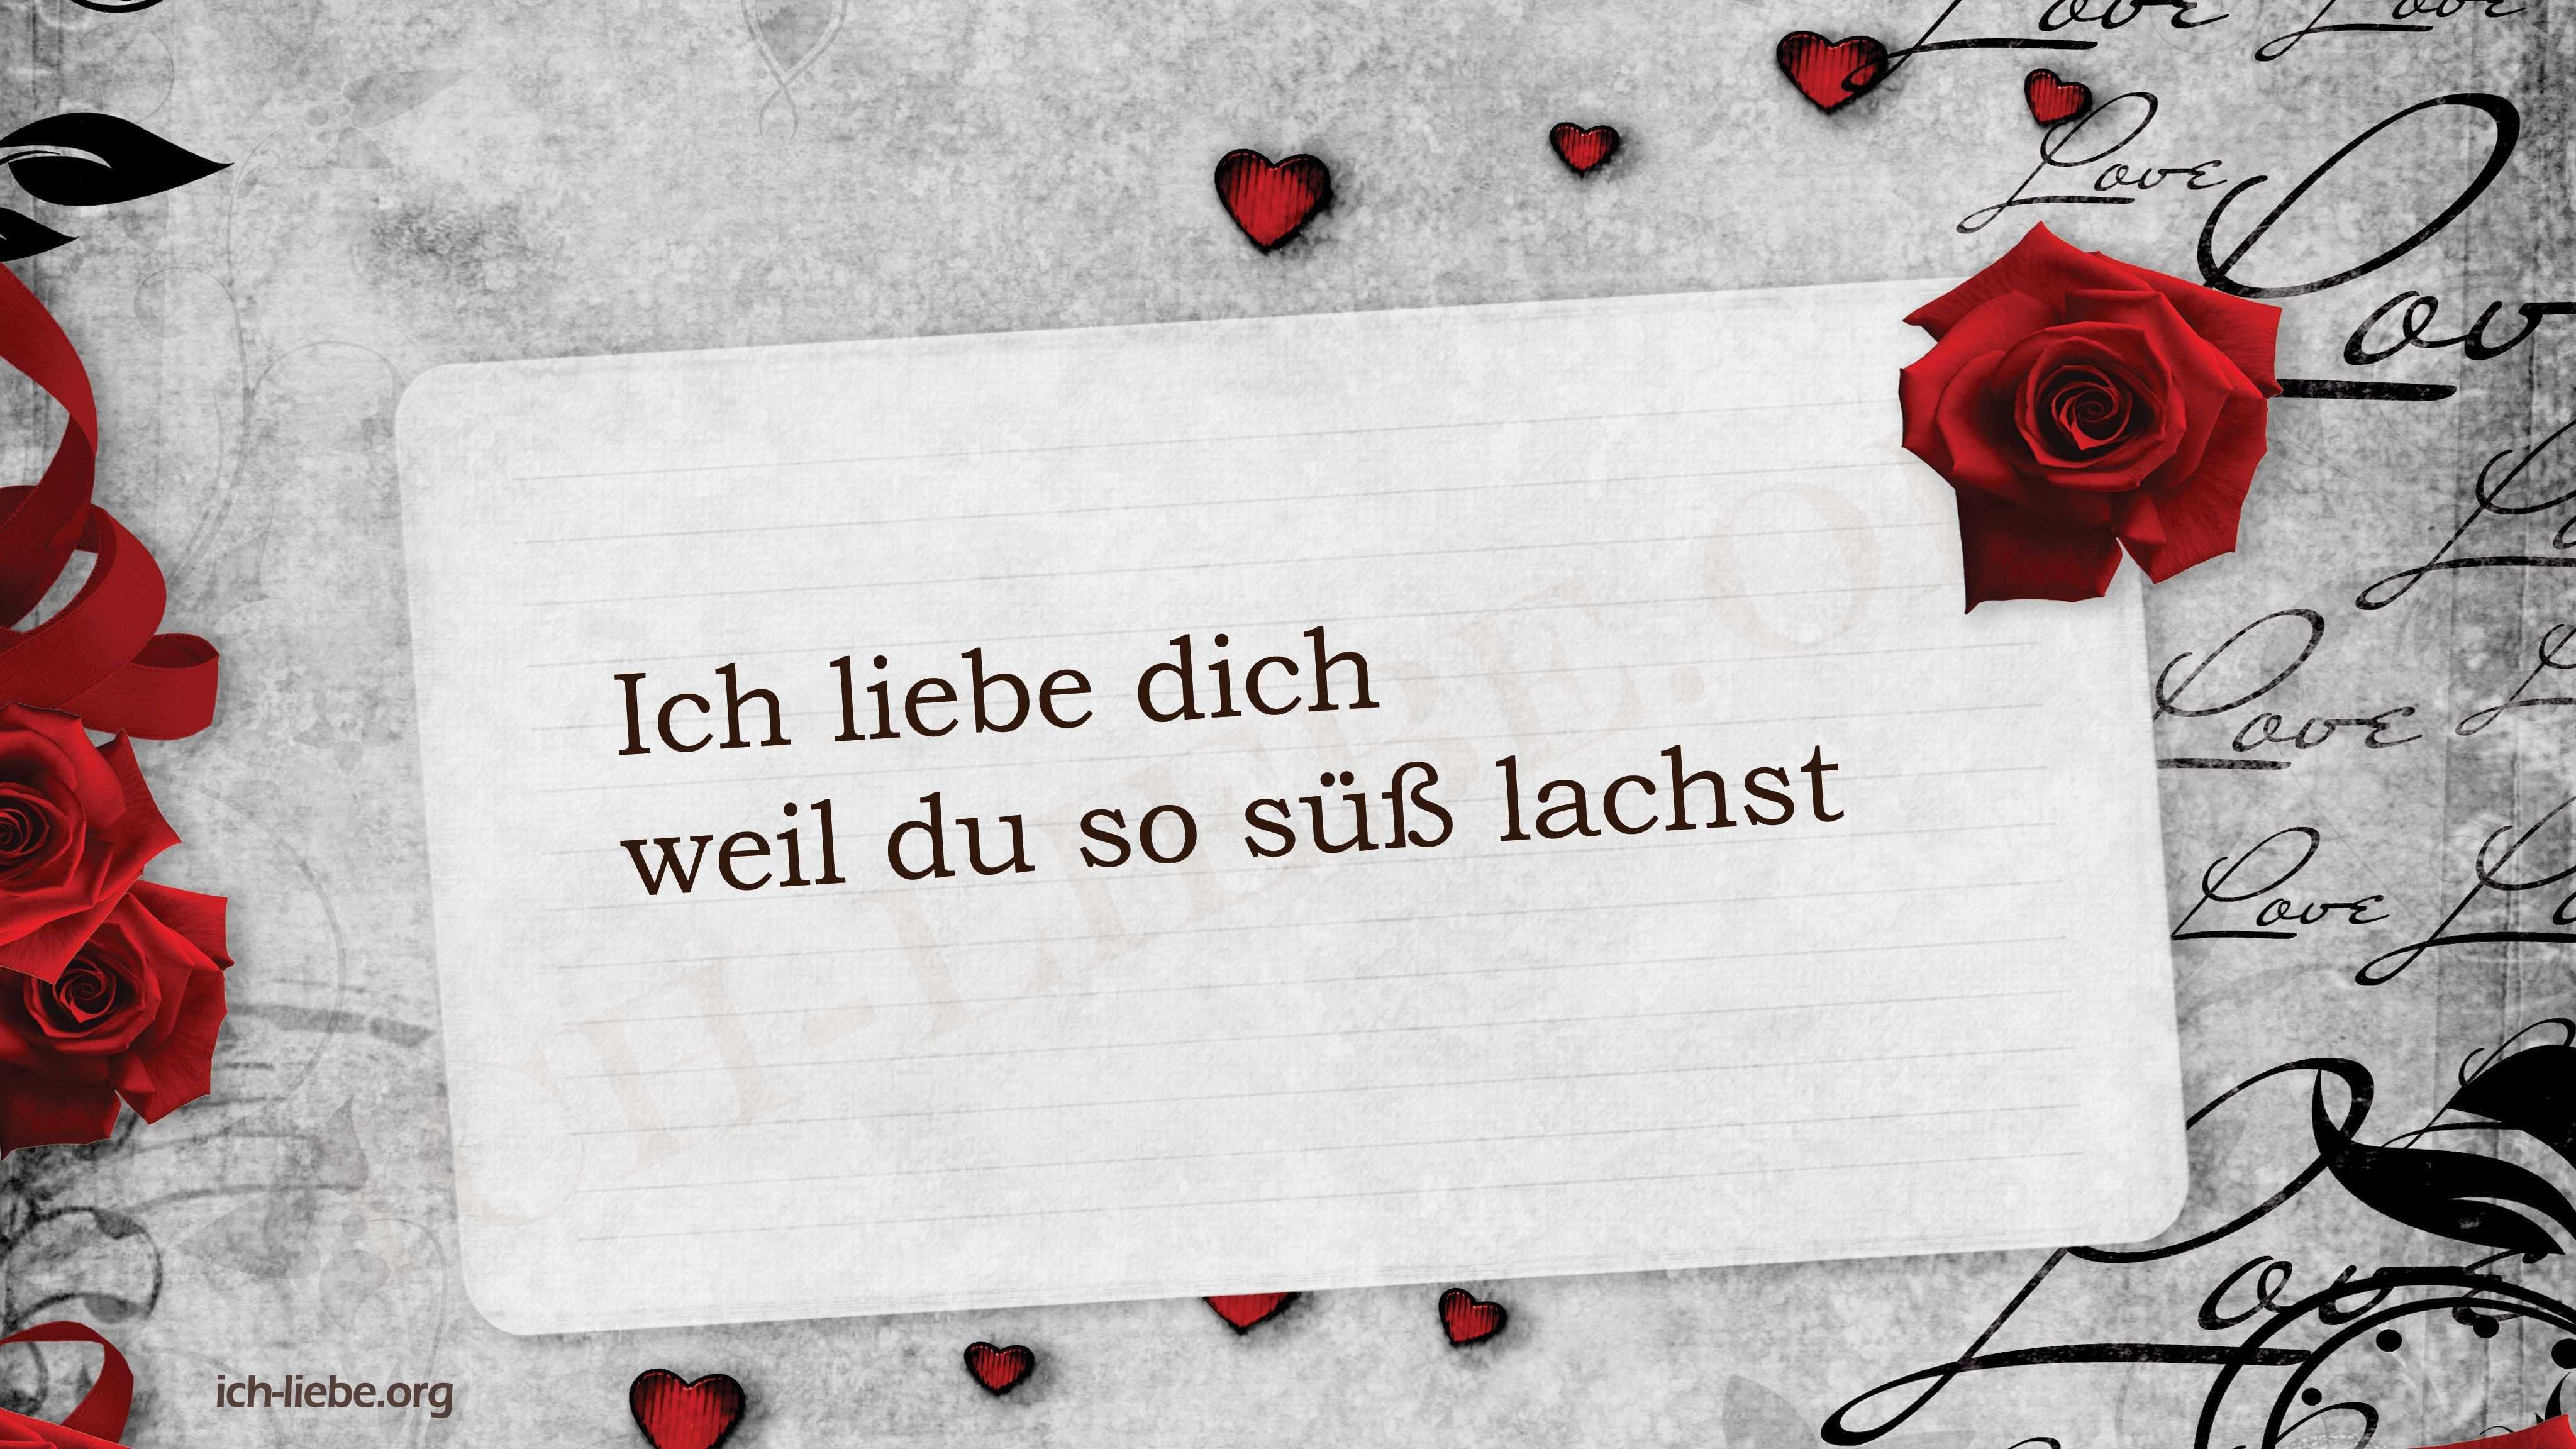 Grunde Ich Liebe Dich Weil Kostenlose Liebesbilder Liebe Bilder Liebe Liebesbild